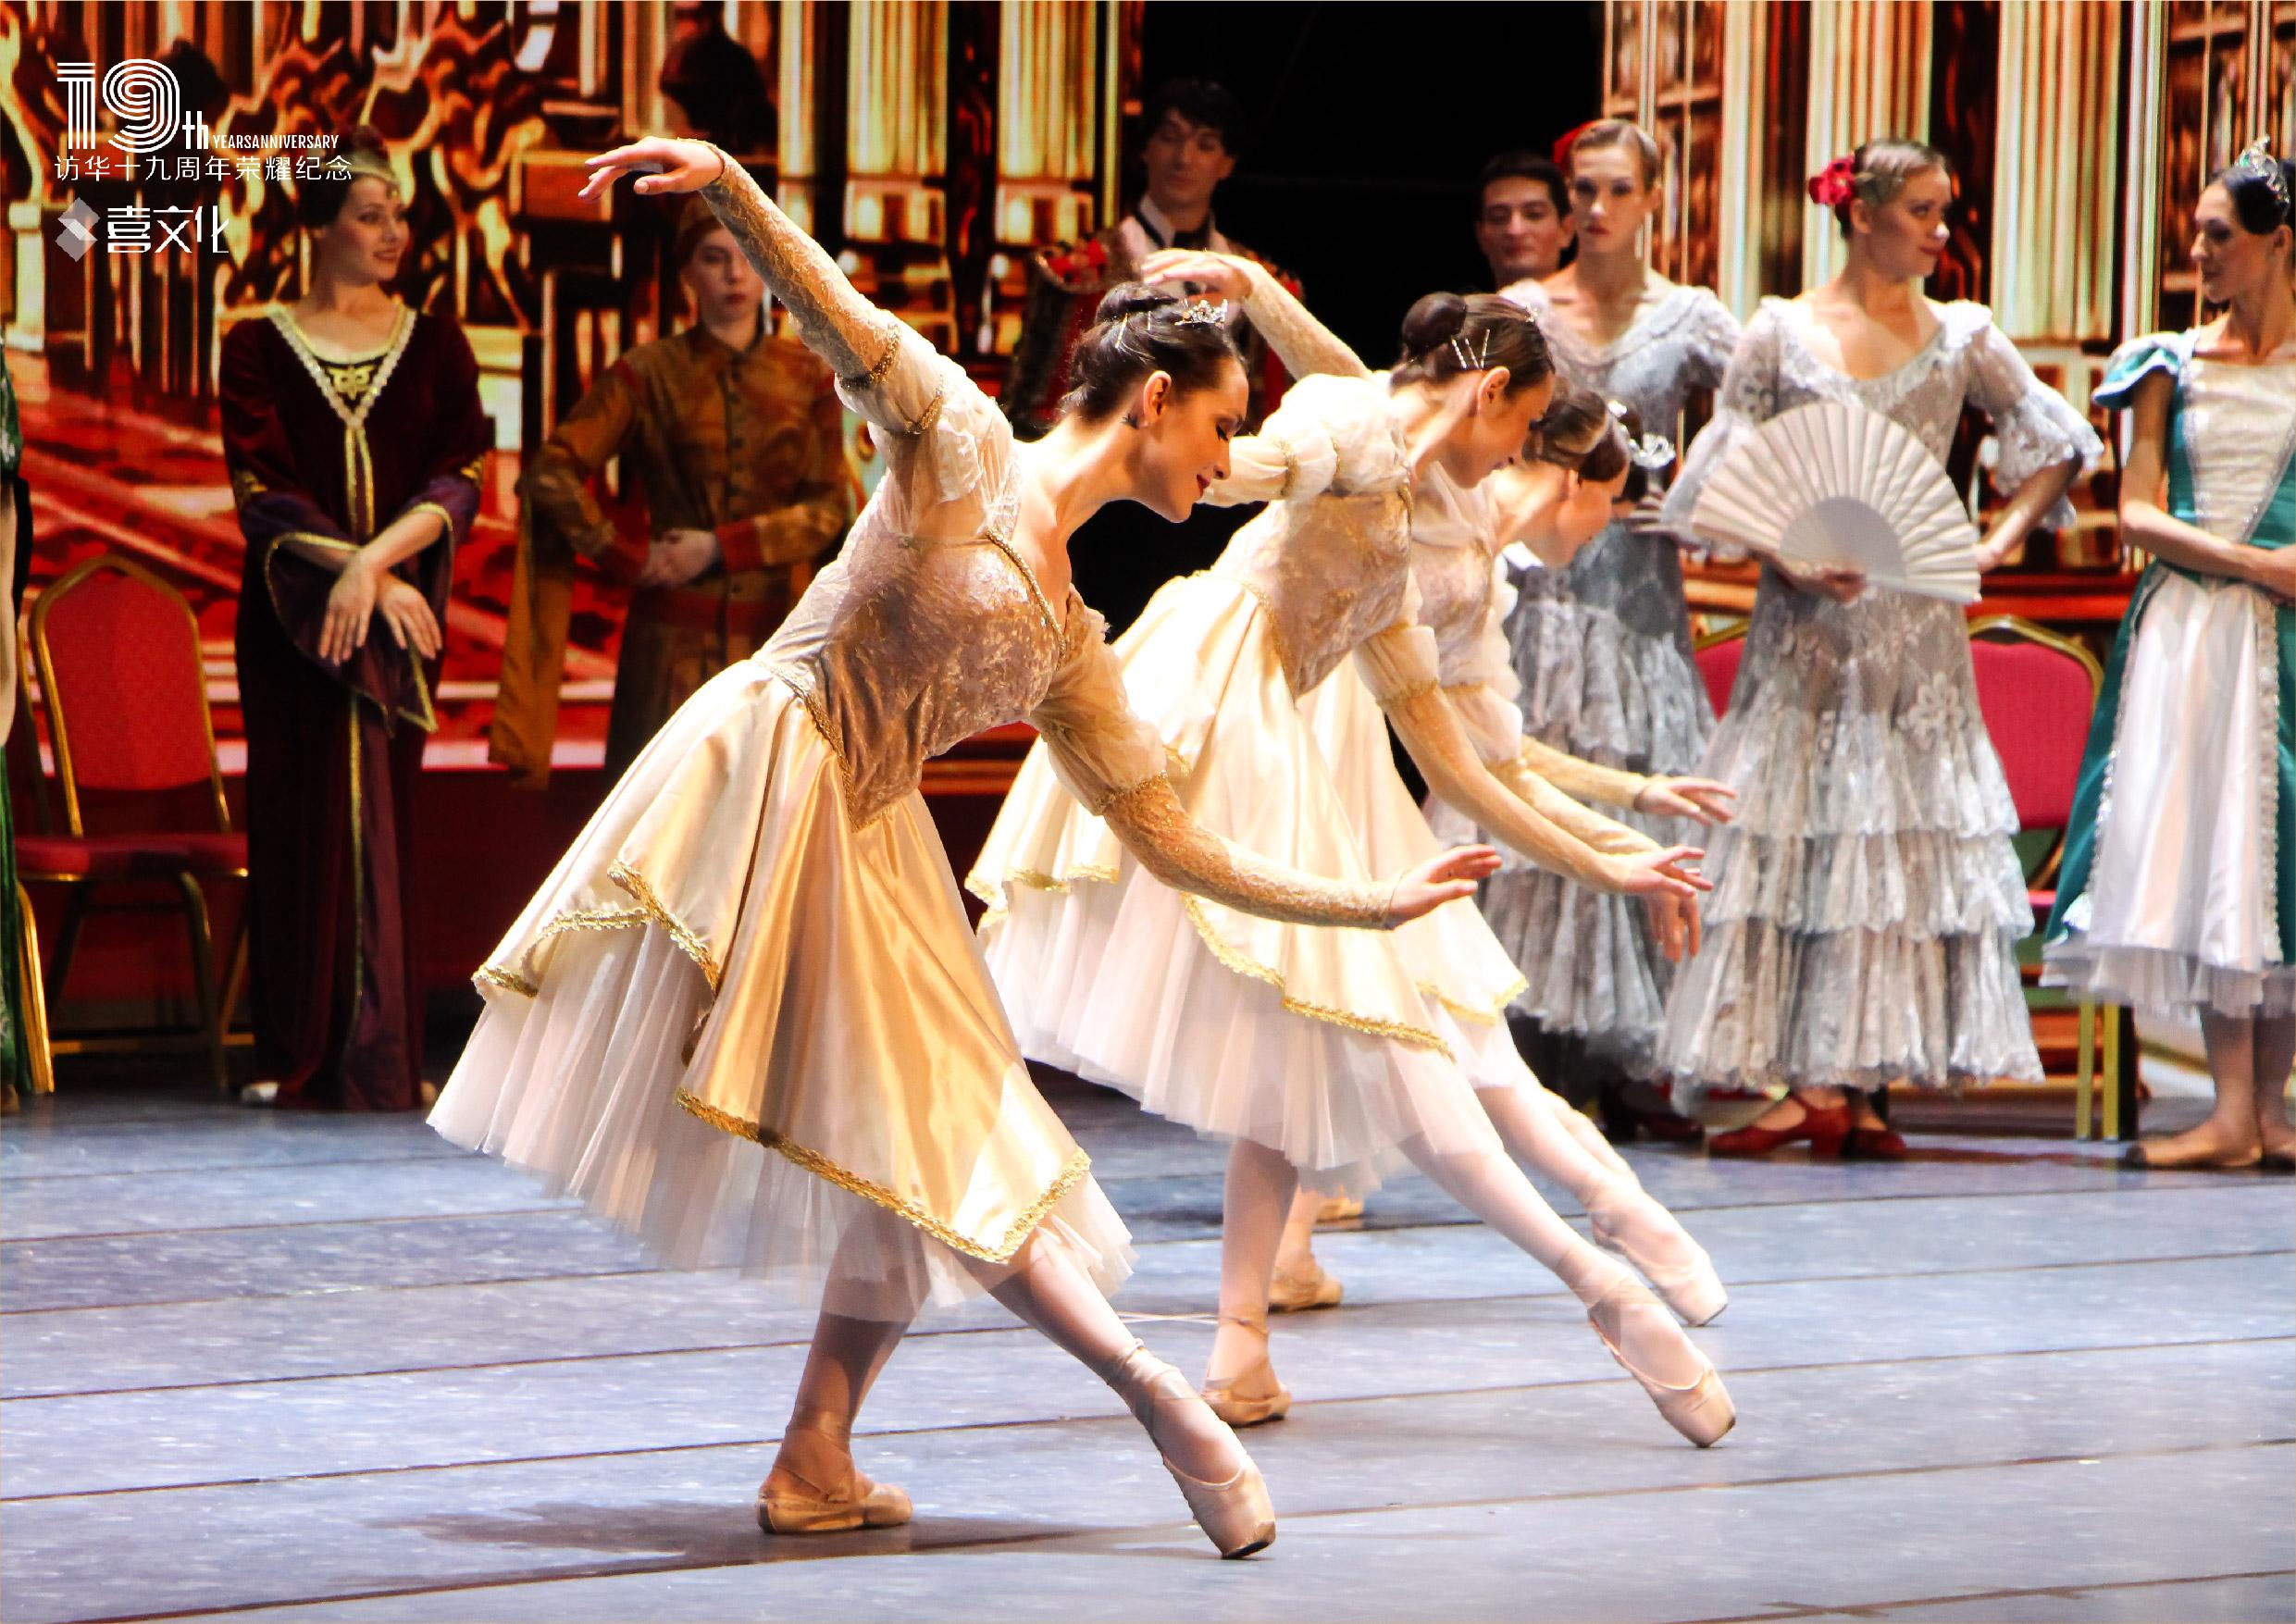 连续访华19周年品质纪念―俄罗斯皇家芭蕾舞团《天鹅湖》2019中国巡演・杭州站